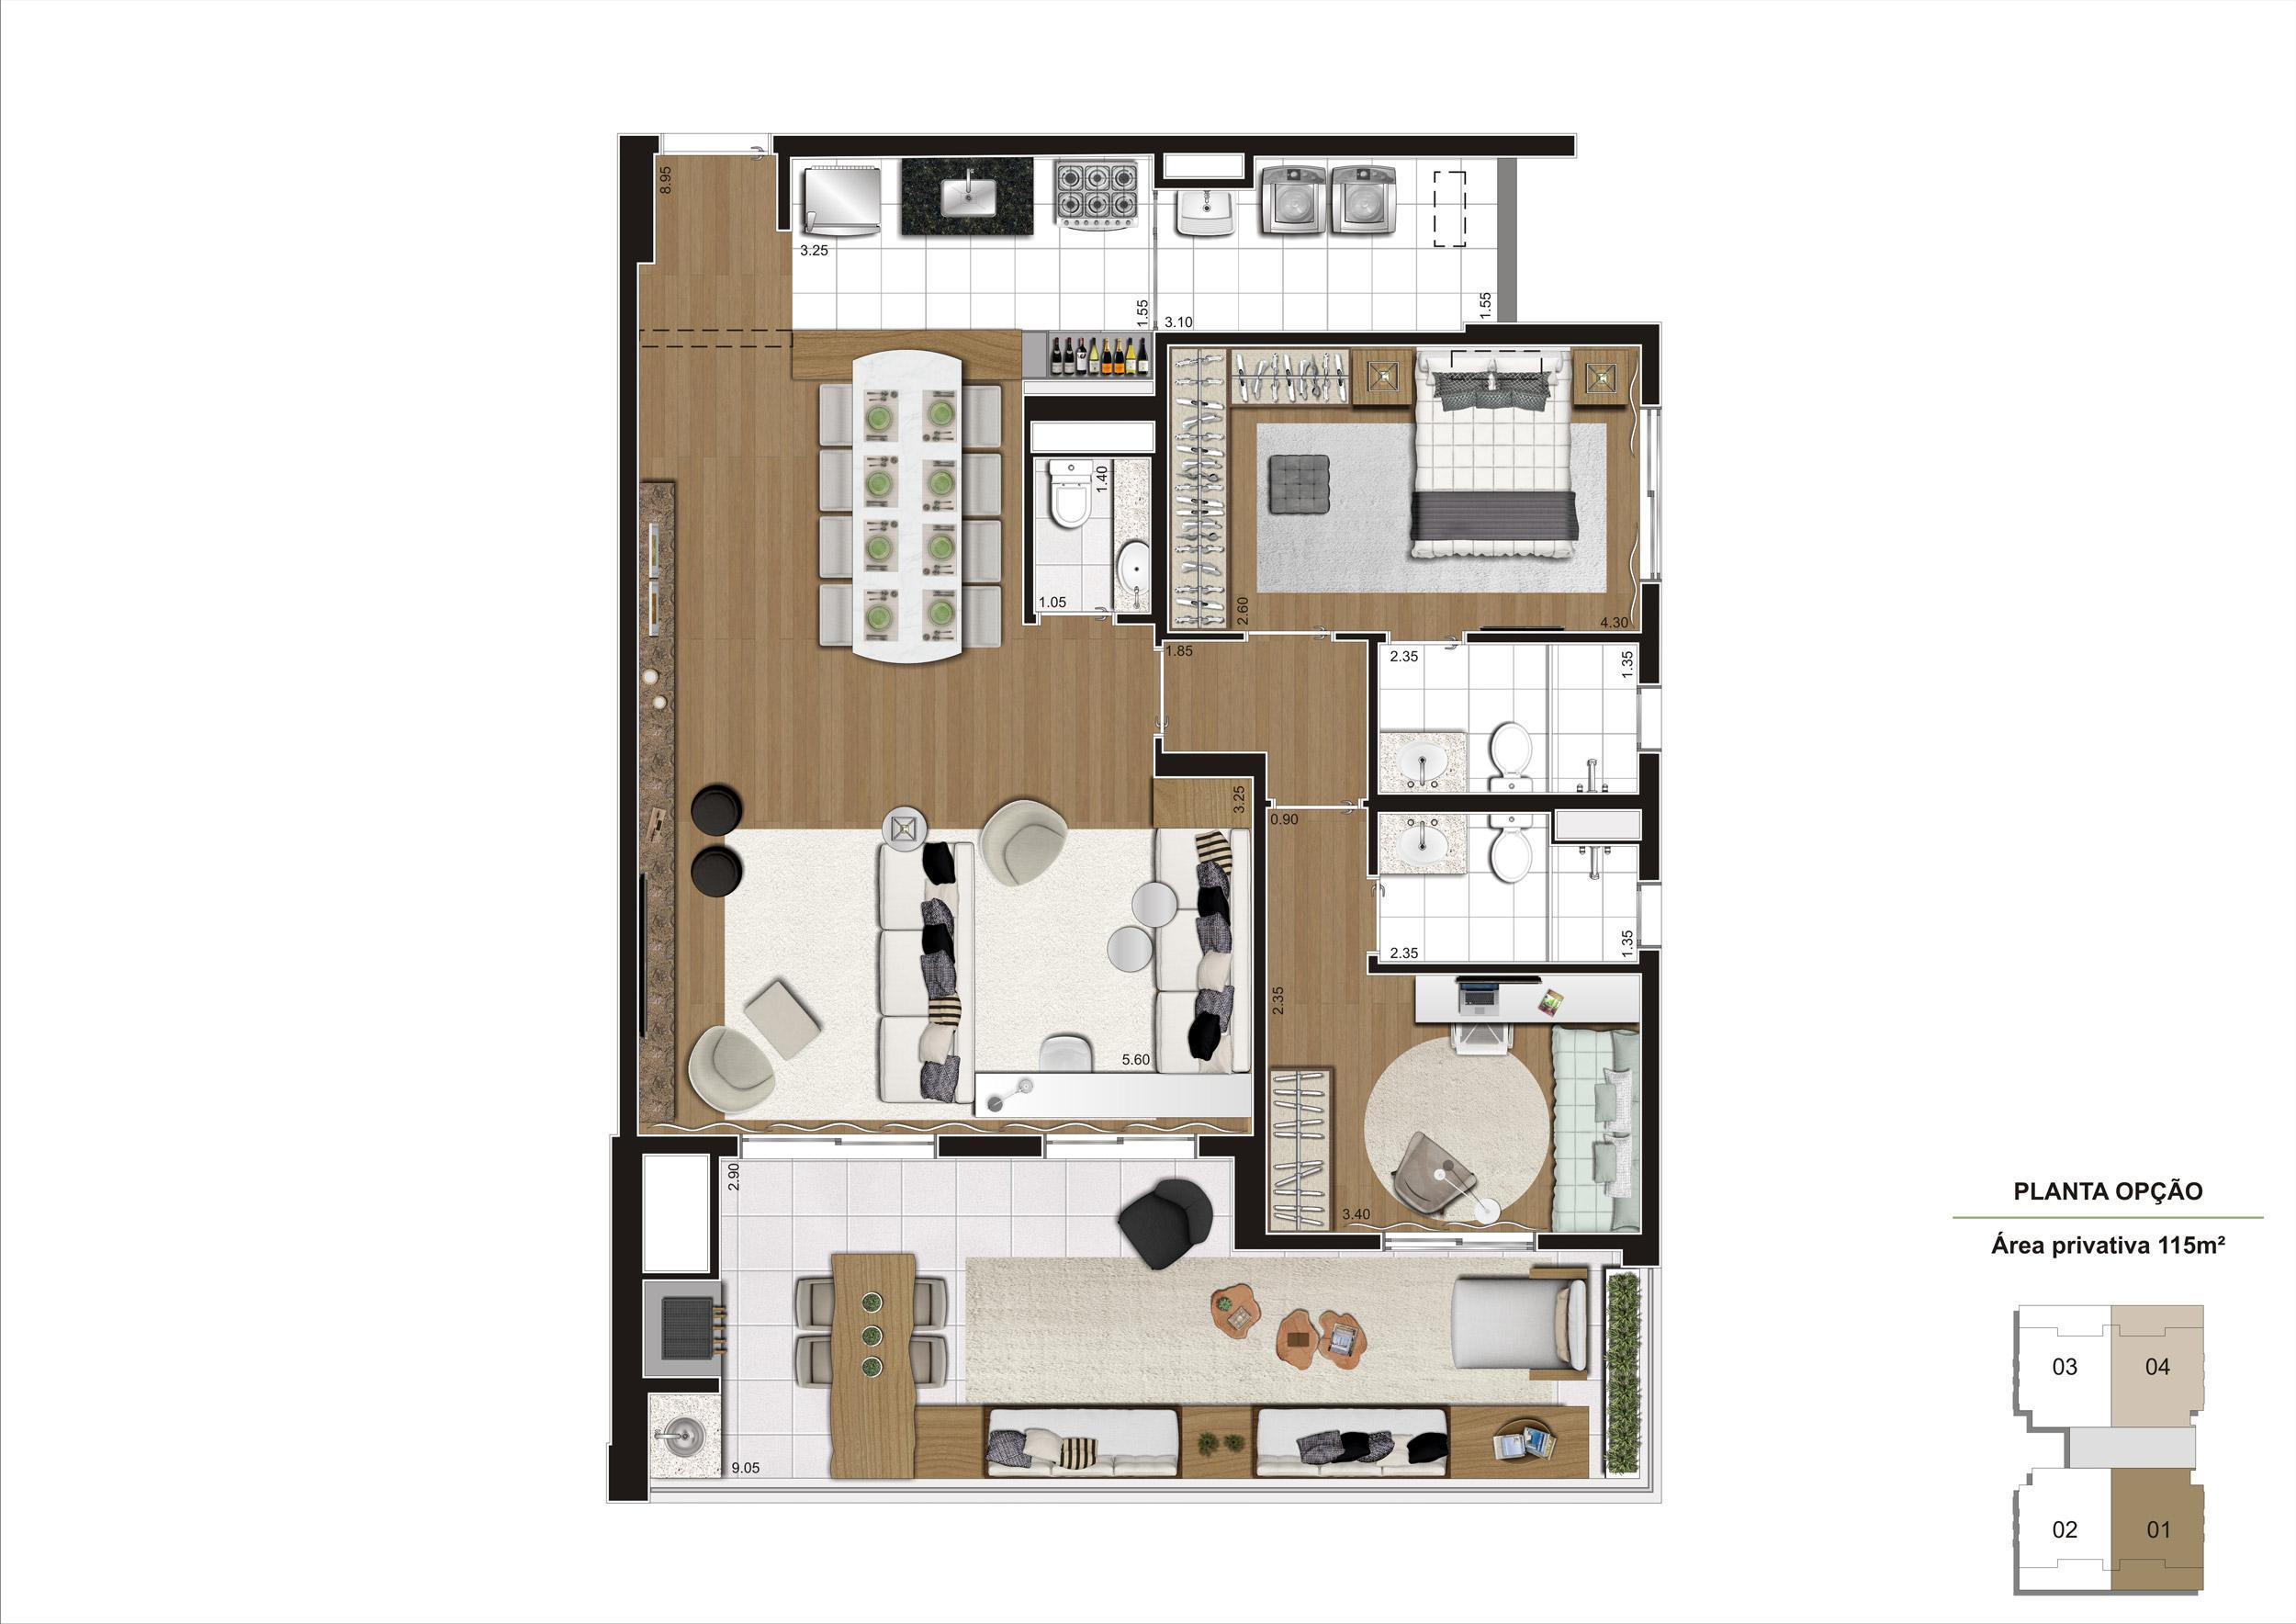 Planta opção 115m² - 2 suítes com living ampliado e 2 vagas demarcadas, para que você tenha um lugar único para viver sua história. | Cyrela Gran Cypriani – Apartamento no  Ipiranga - São Paulo - São Paulo